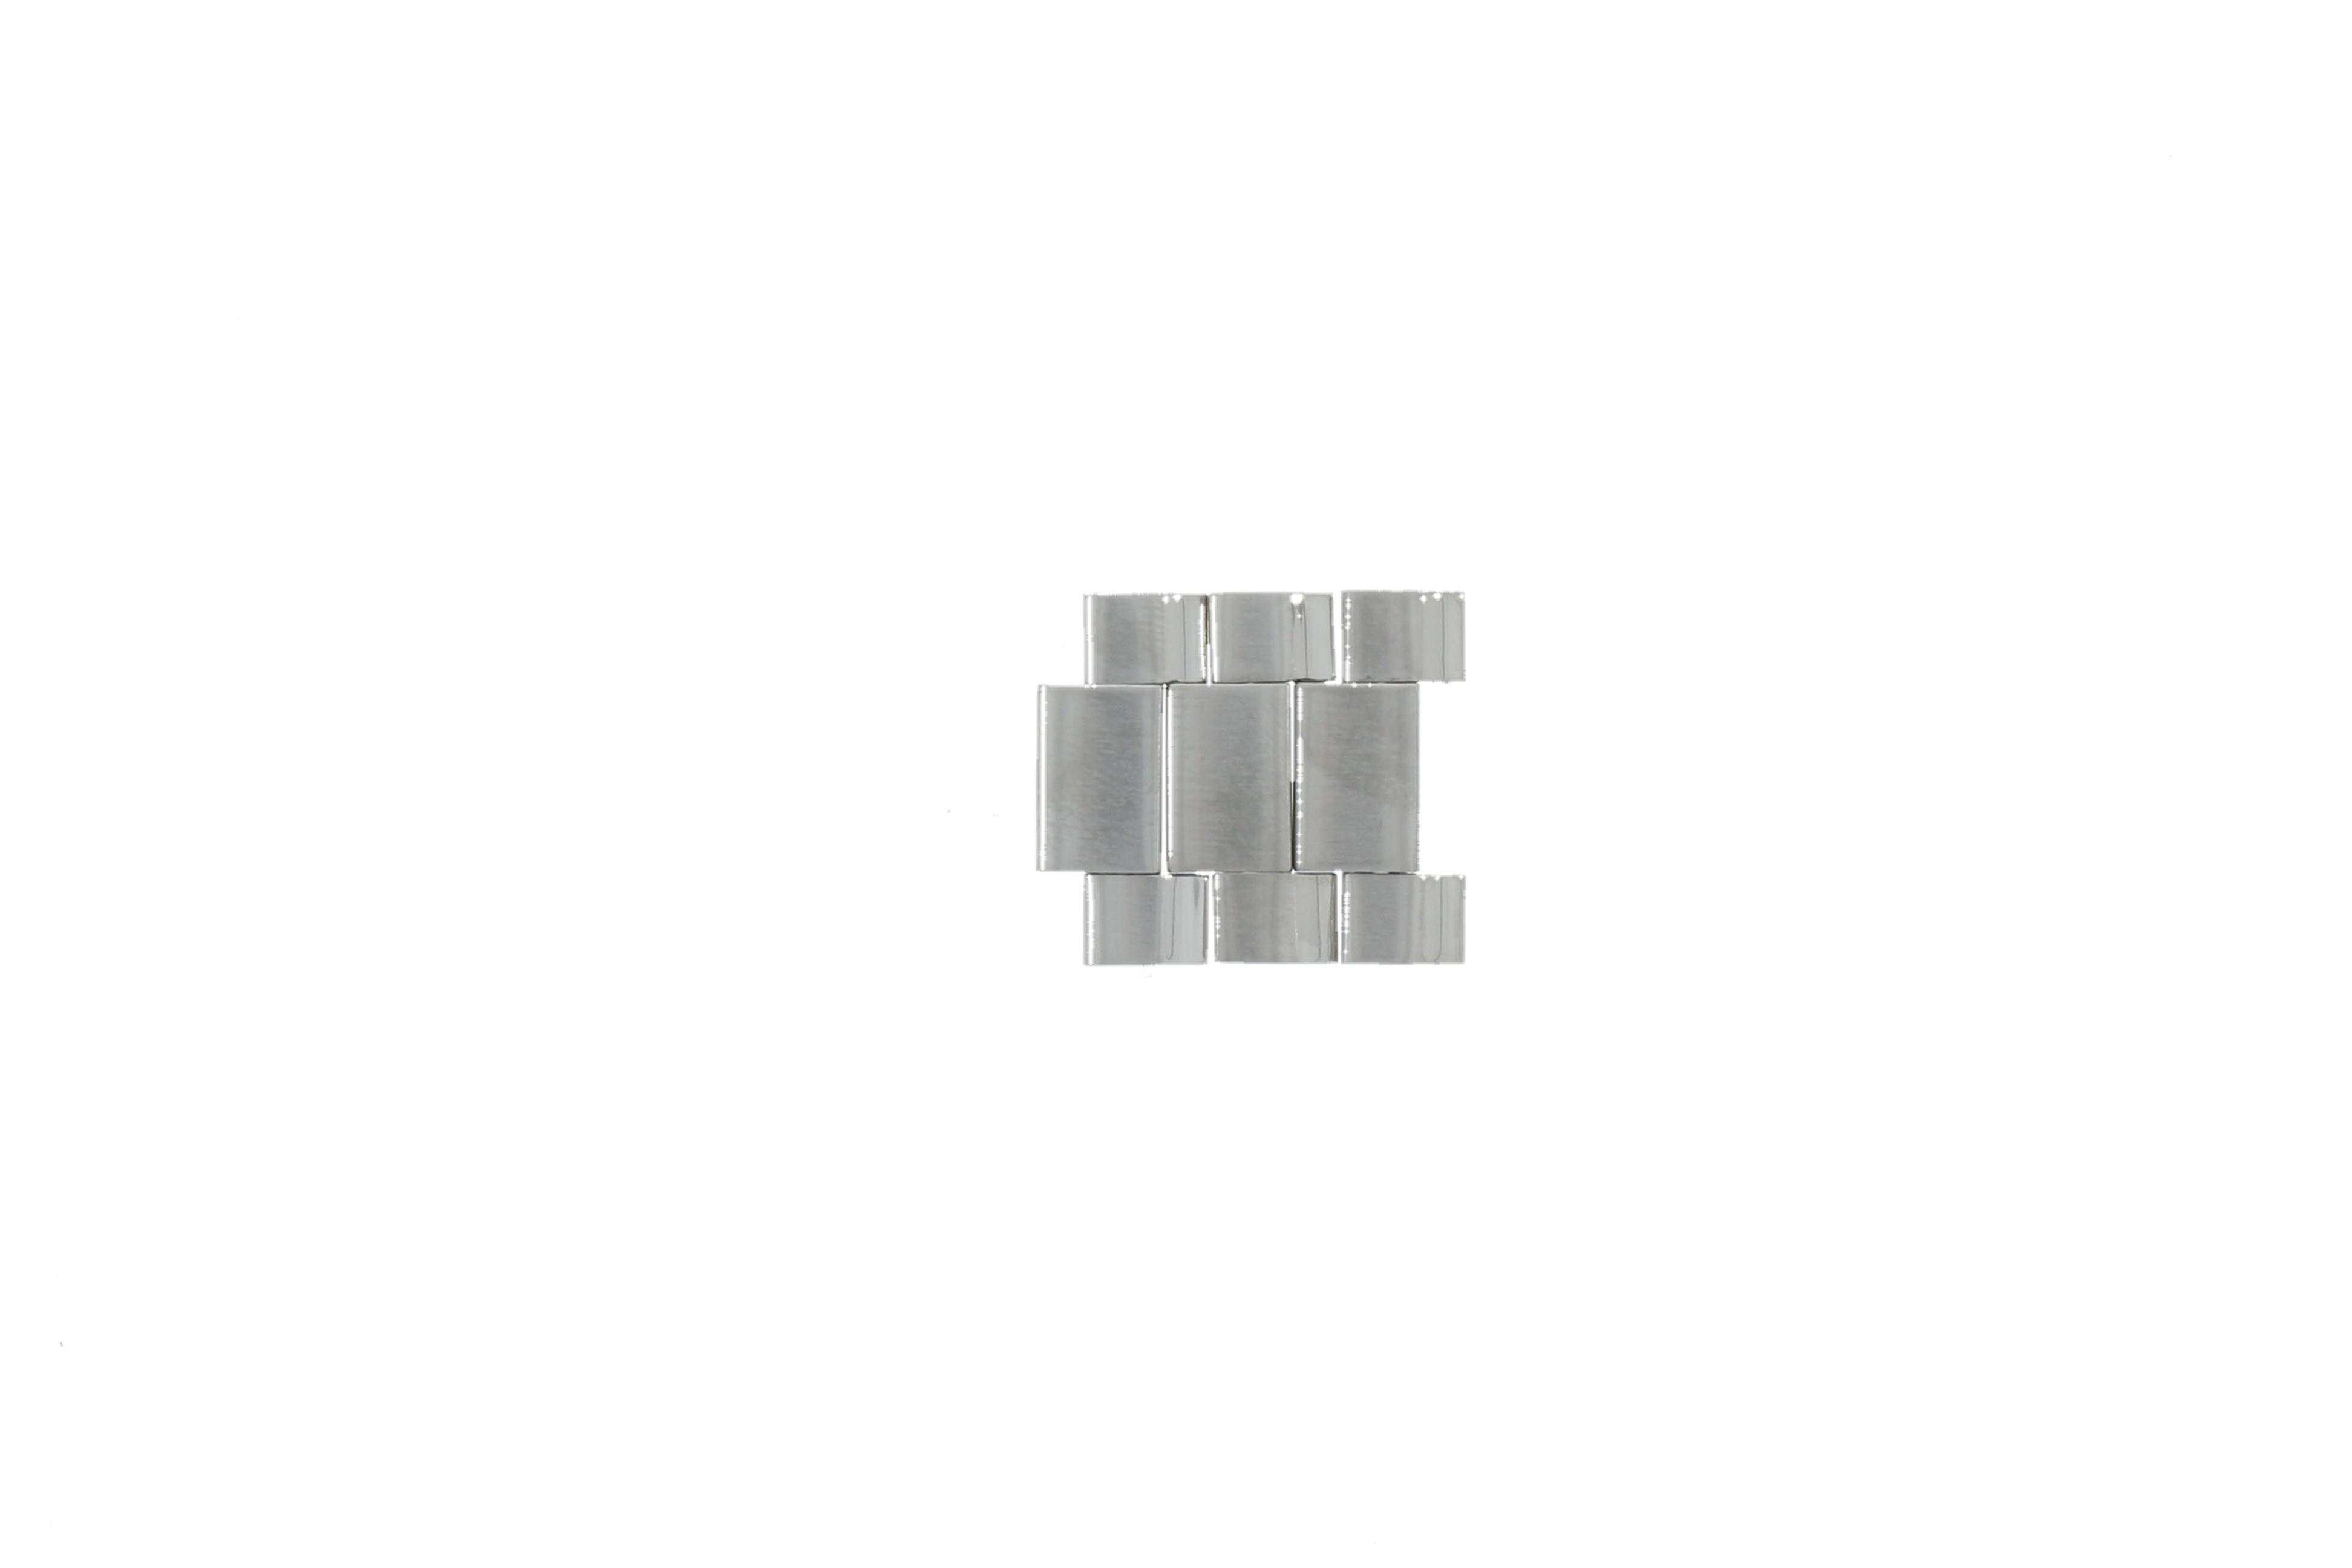 Diesel DZ4282 Schakels 24mm (3 stuks)